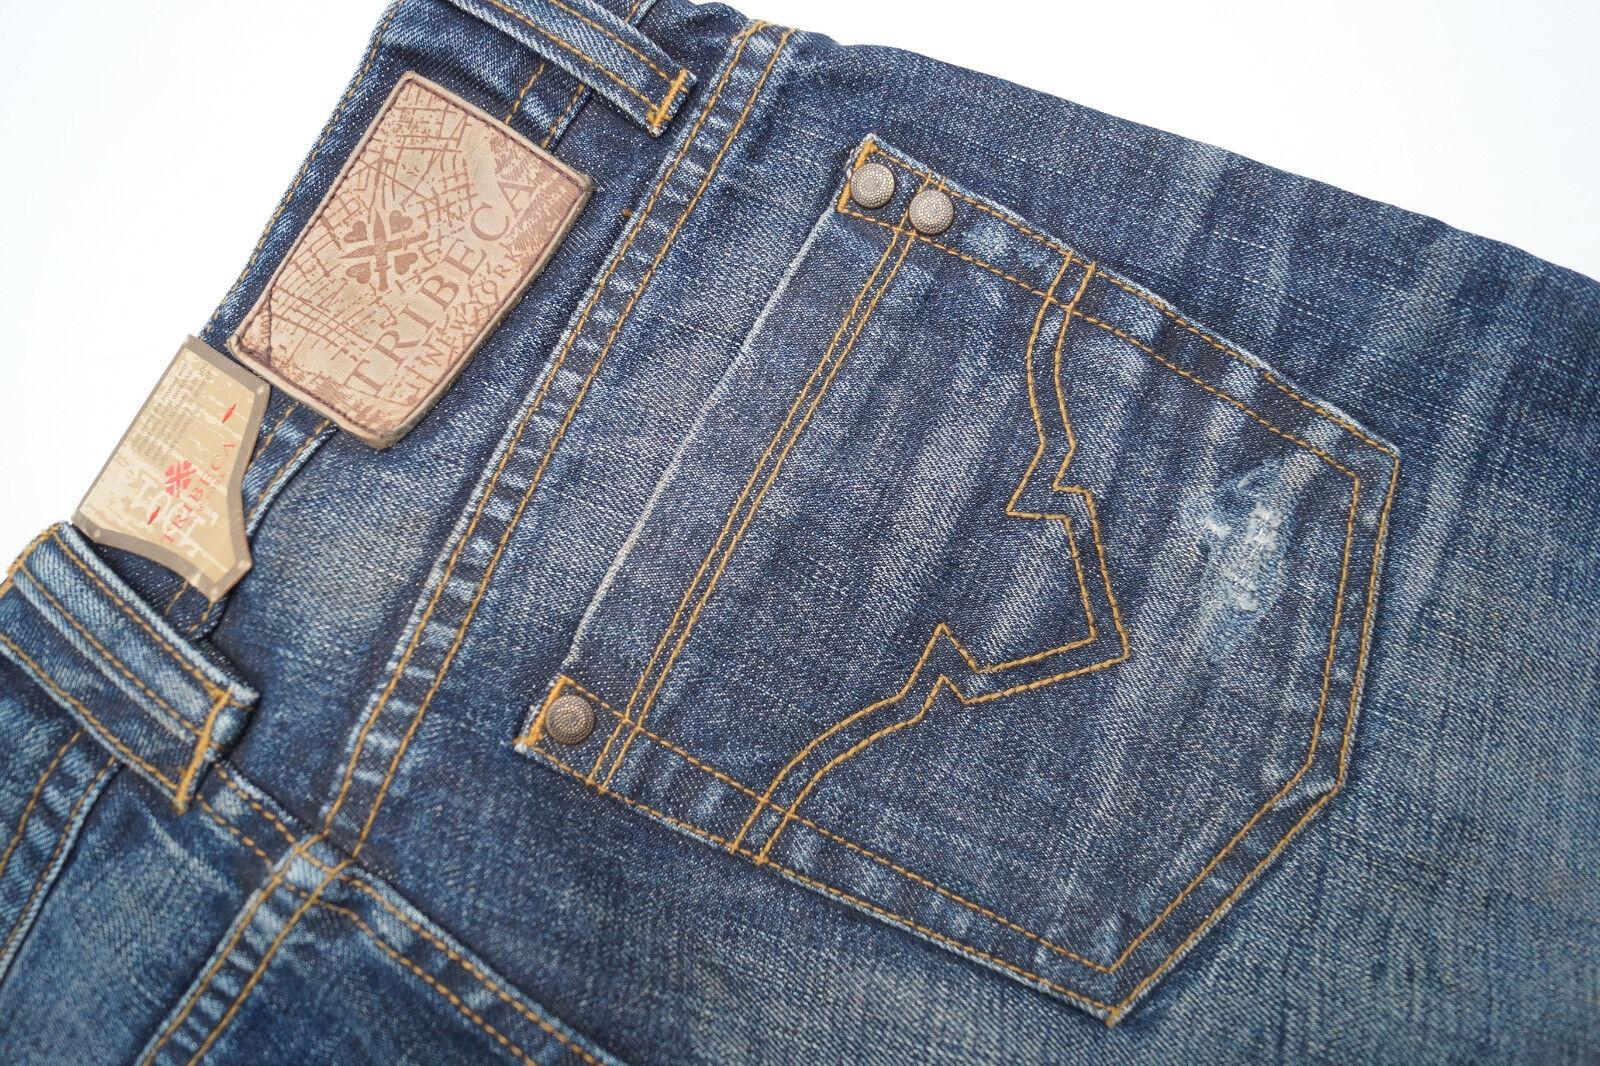 Tribeca Ny Hayden Corte Recto Pantalones Vaqueros de Hombre 30 34 W30 L34 Usado